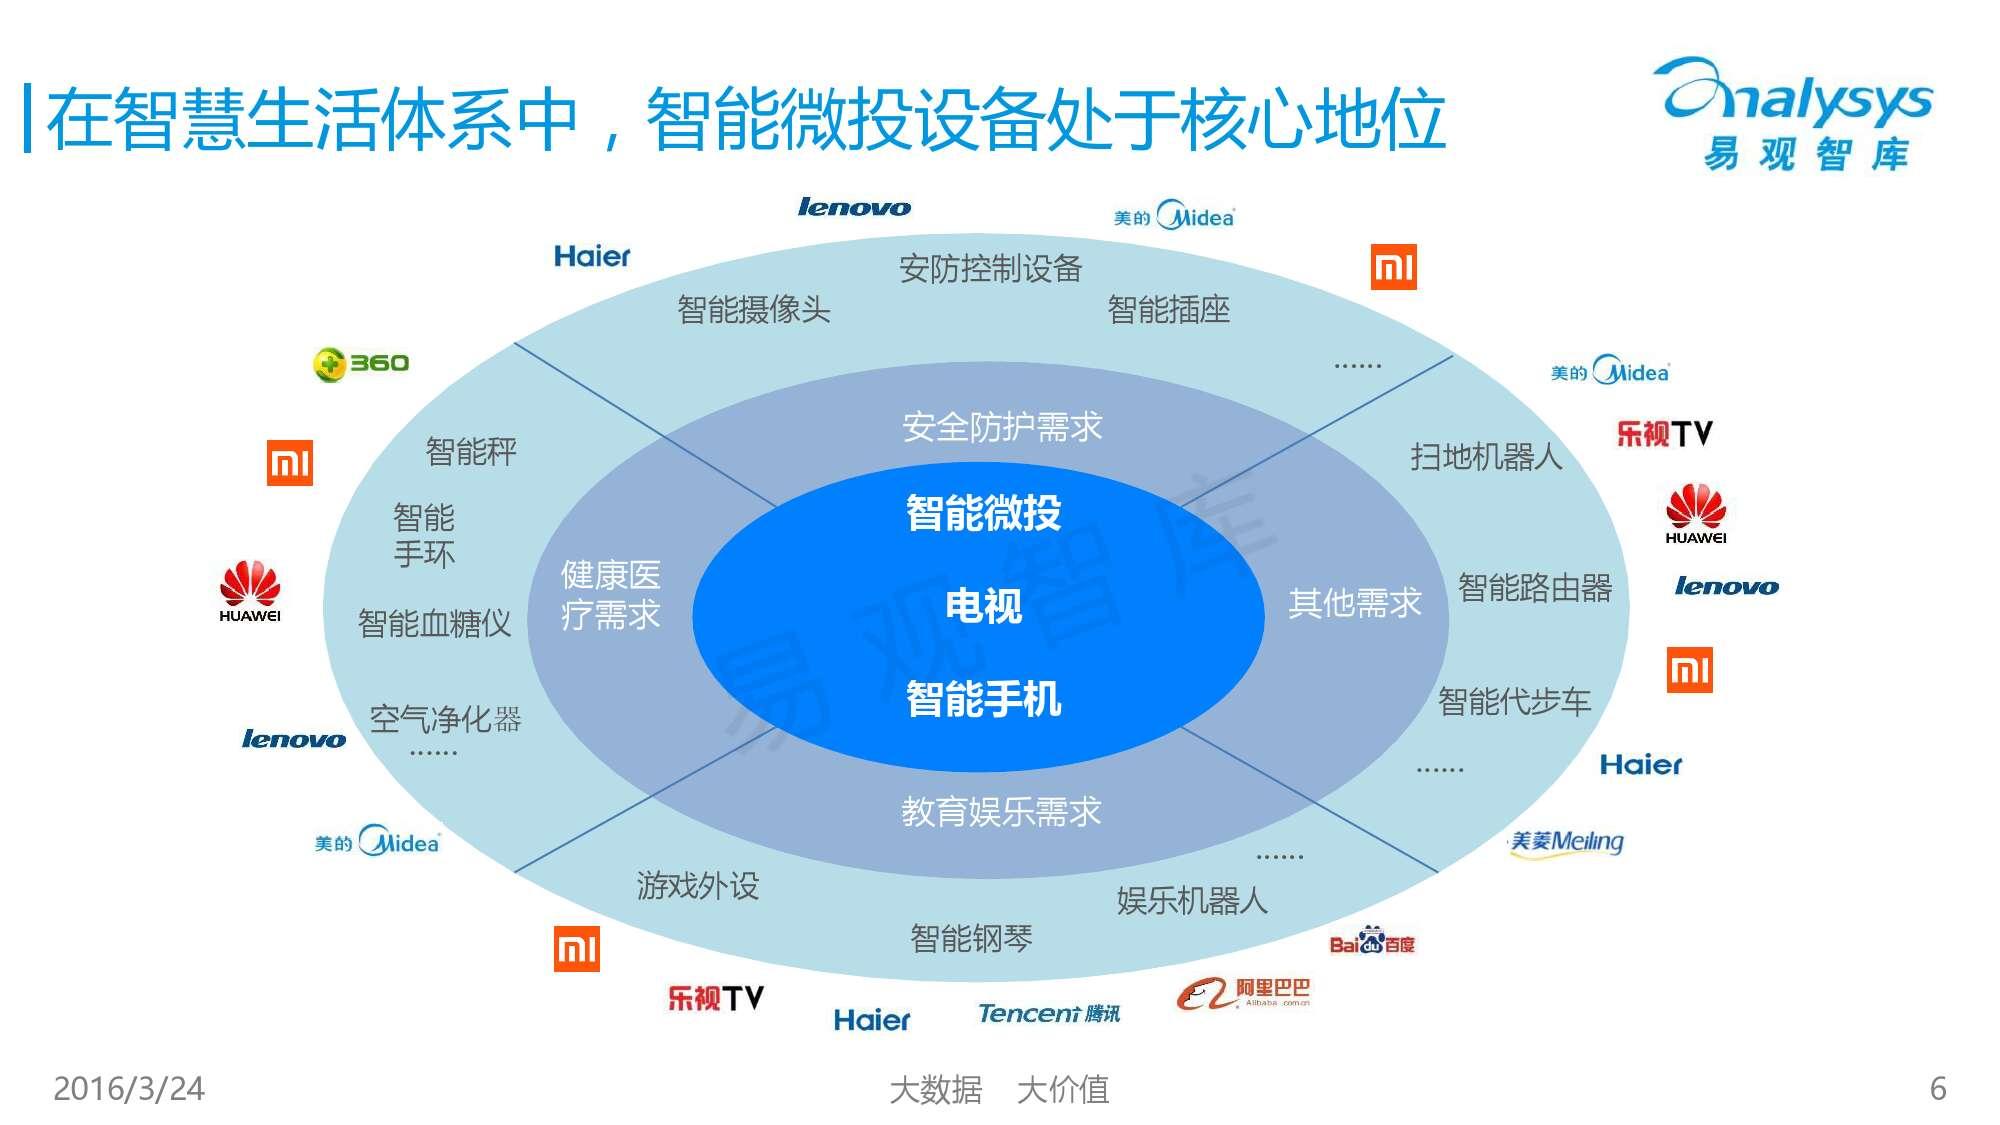 中国智能微投市场专题研究报告2016_000006